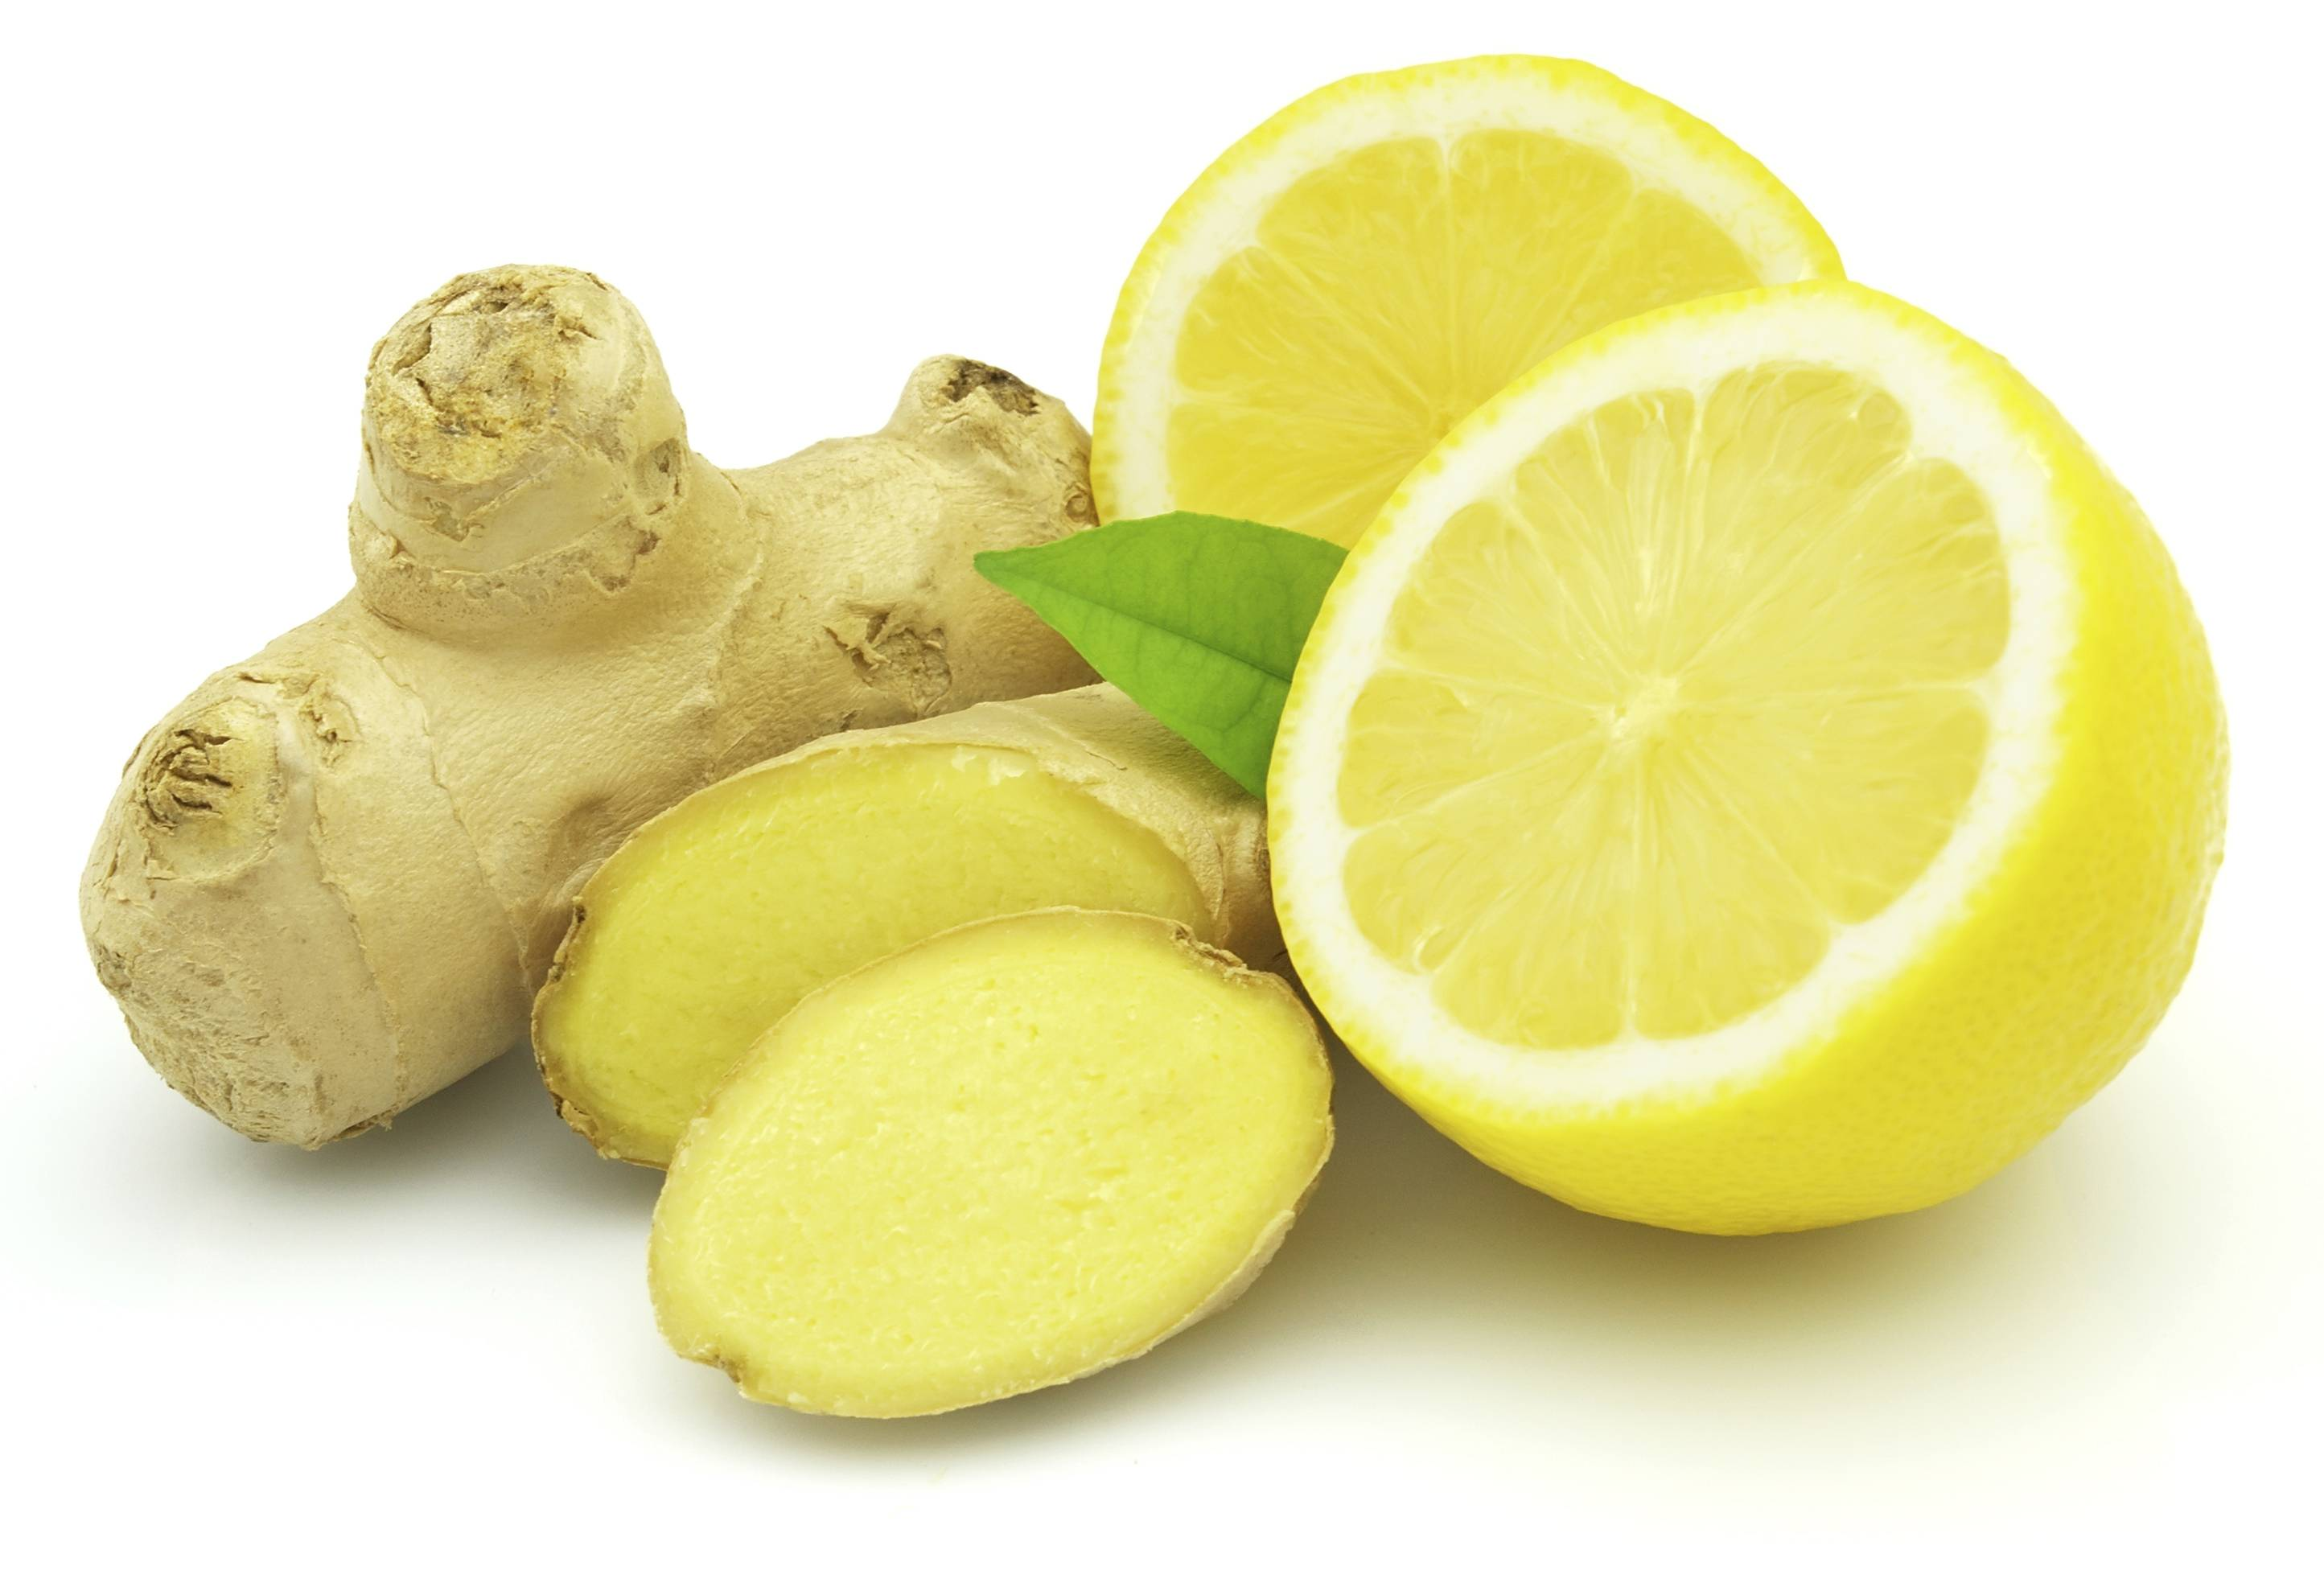 Come preparare una tisana zenzero e limone | Essere Sani